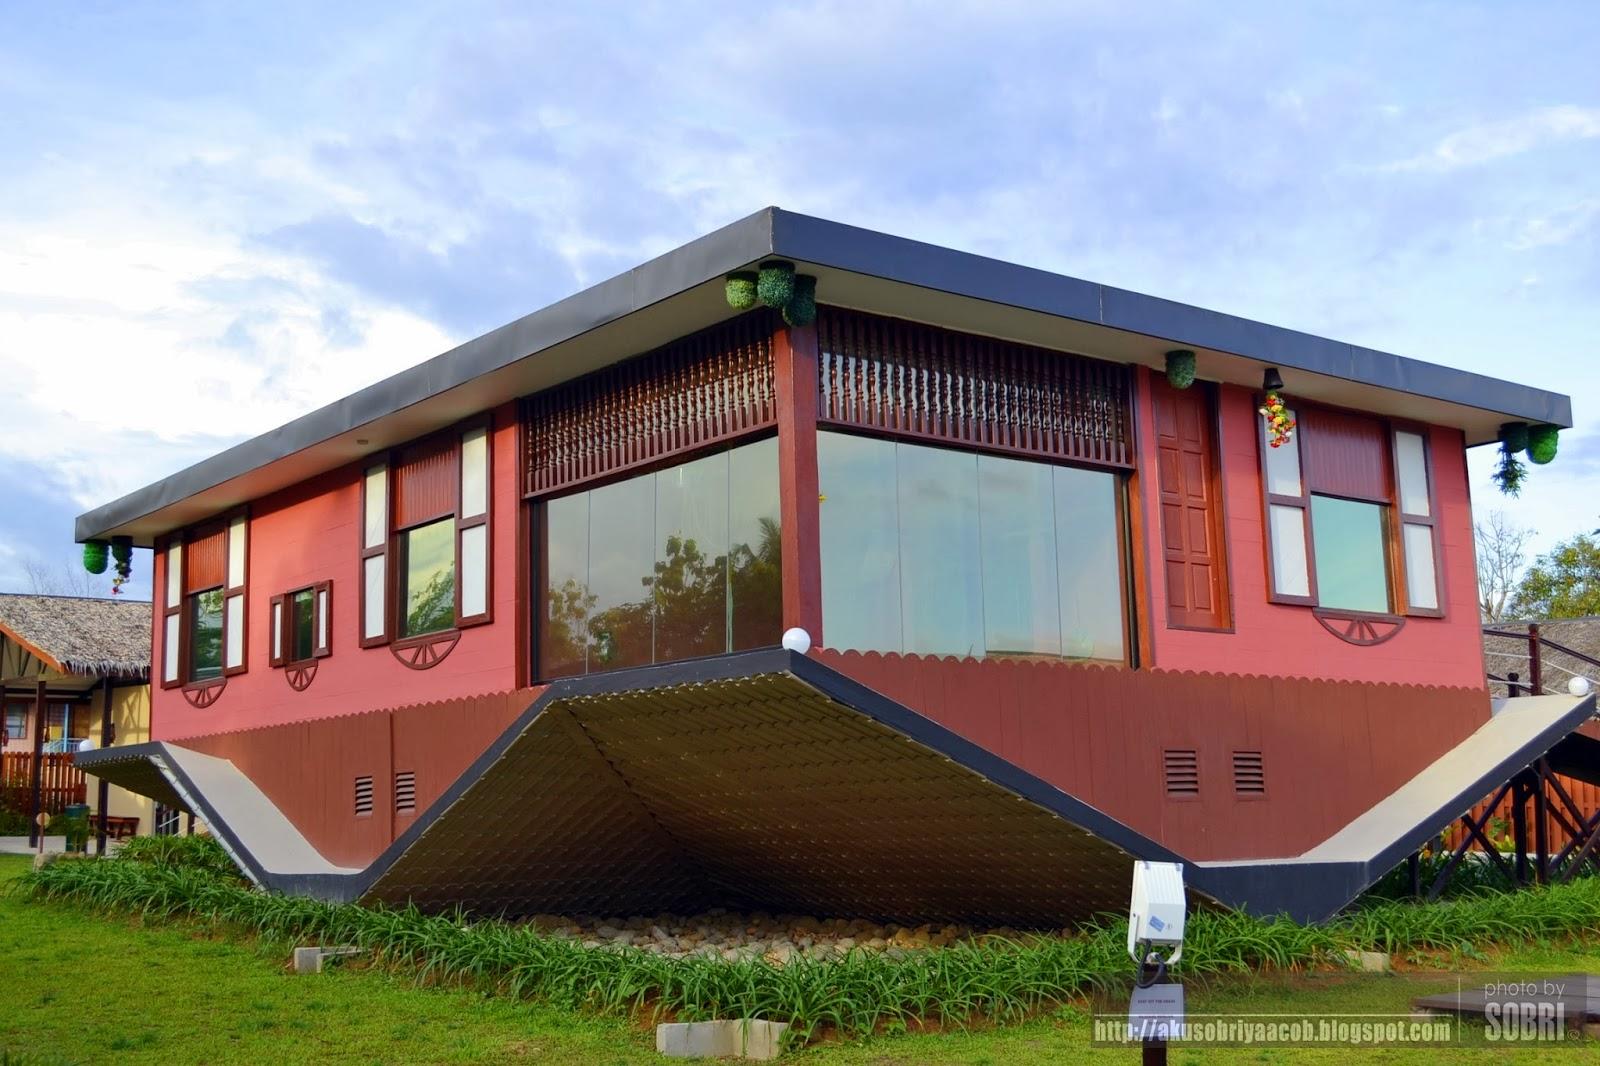 the upside down house of borneo rumah terbalik sabah